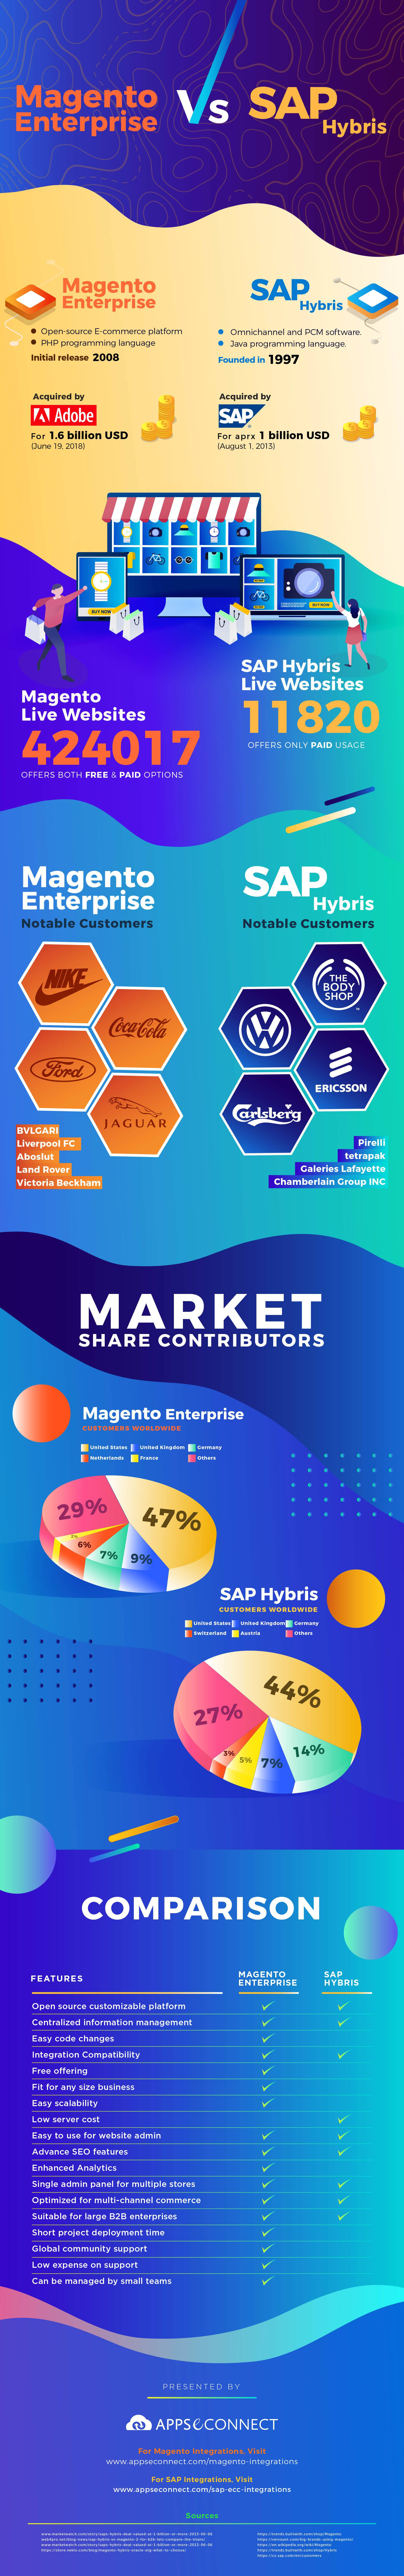 Magento-Enterprise-vs-SAP-Hybris